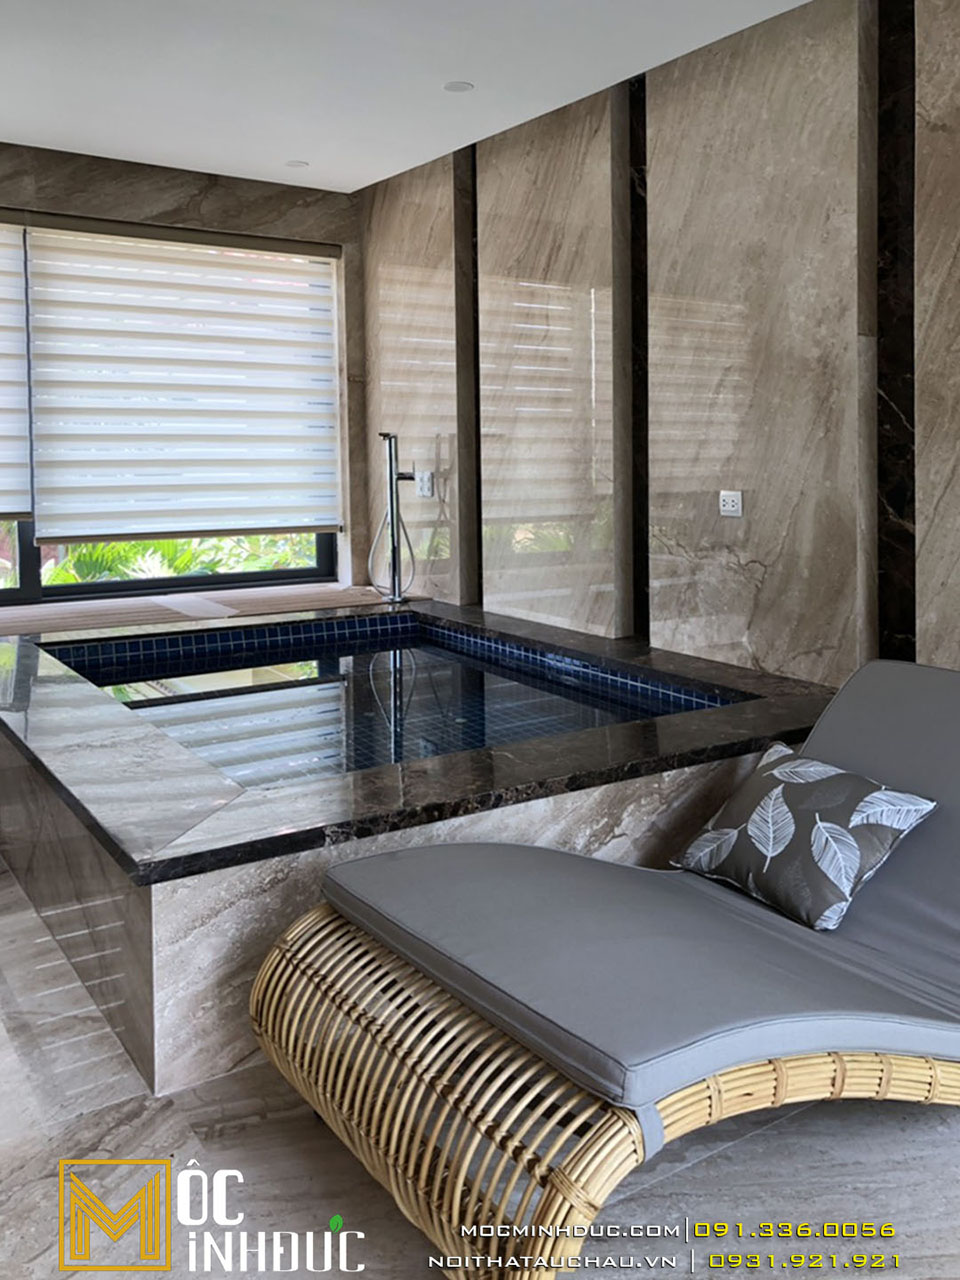 Mẫu biệt thự có bồn tắm ngồi và giường thư giãn